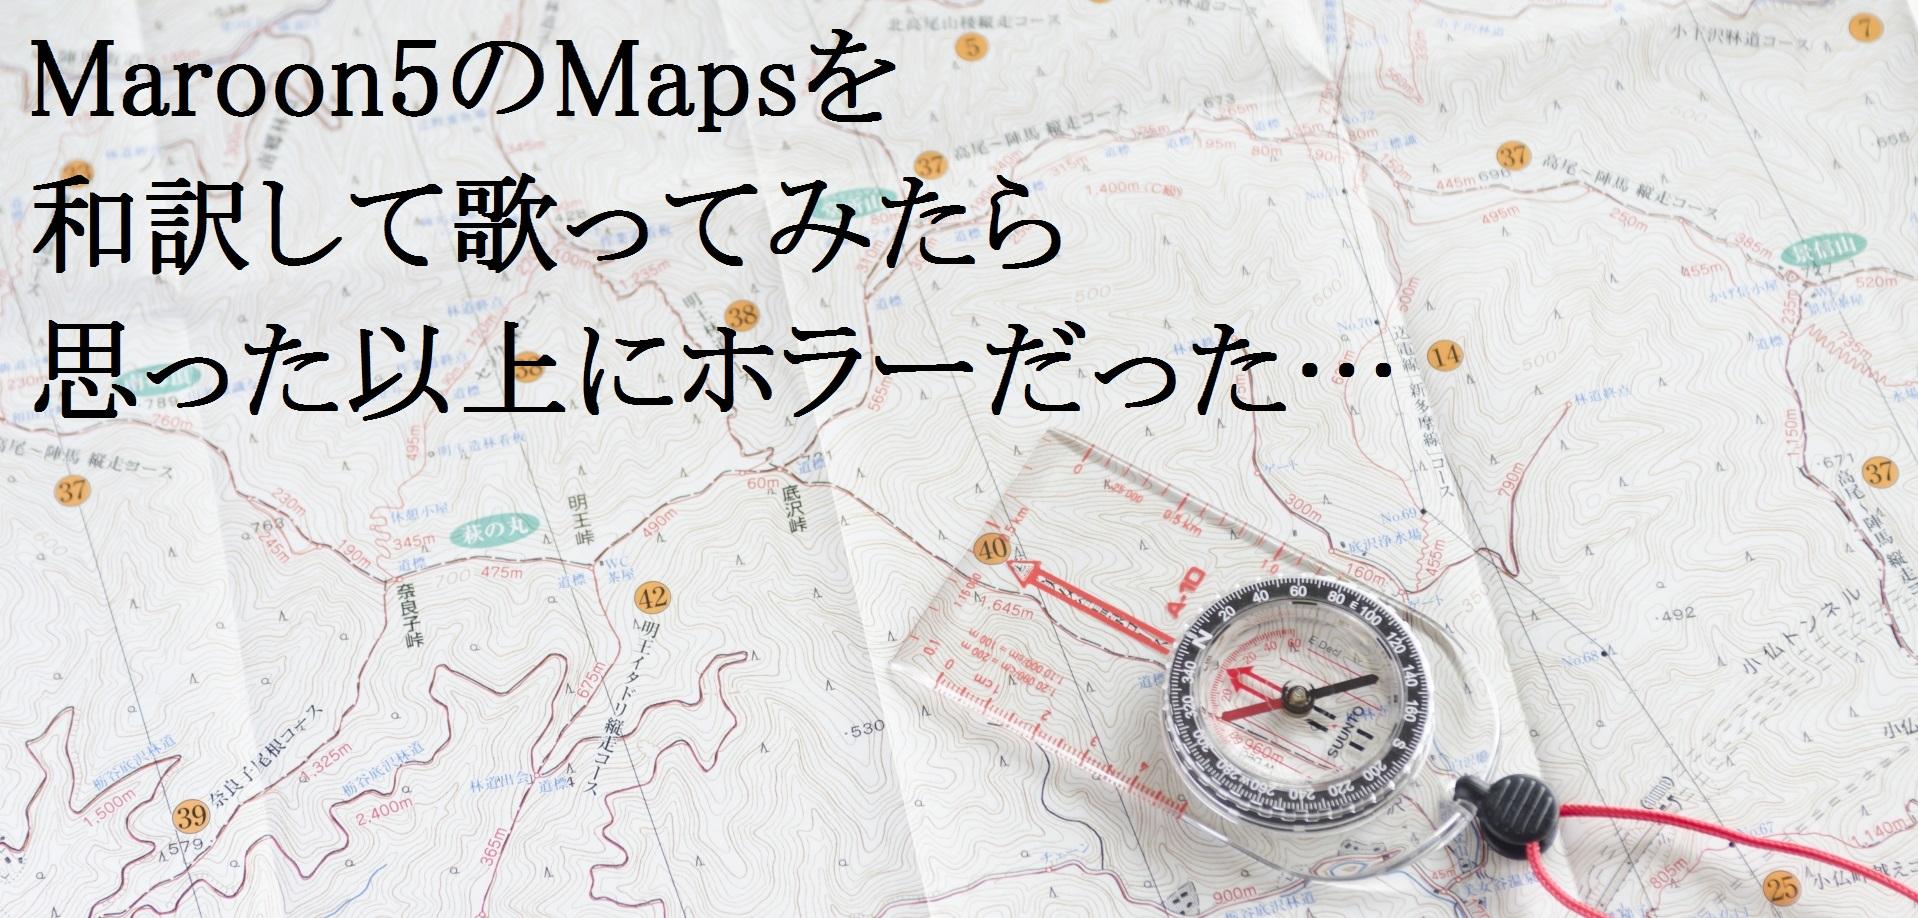 【Maps/Maroon5】歌詞を和訳して歌ってみたら、思った以上にホラーだった…